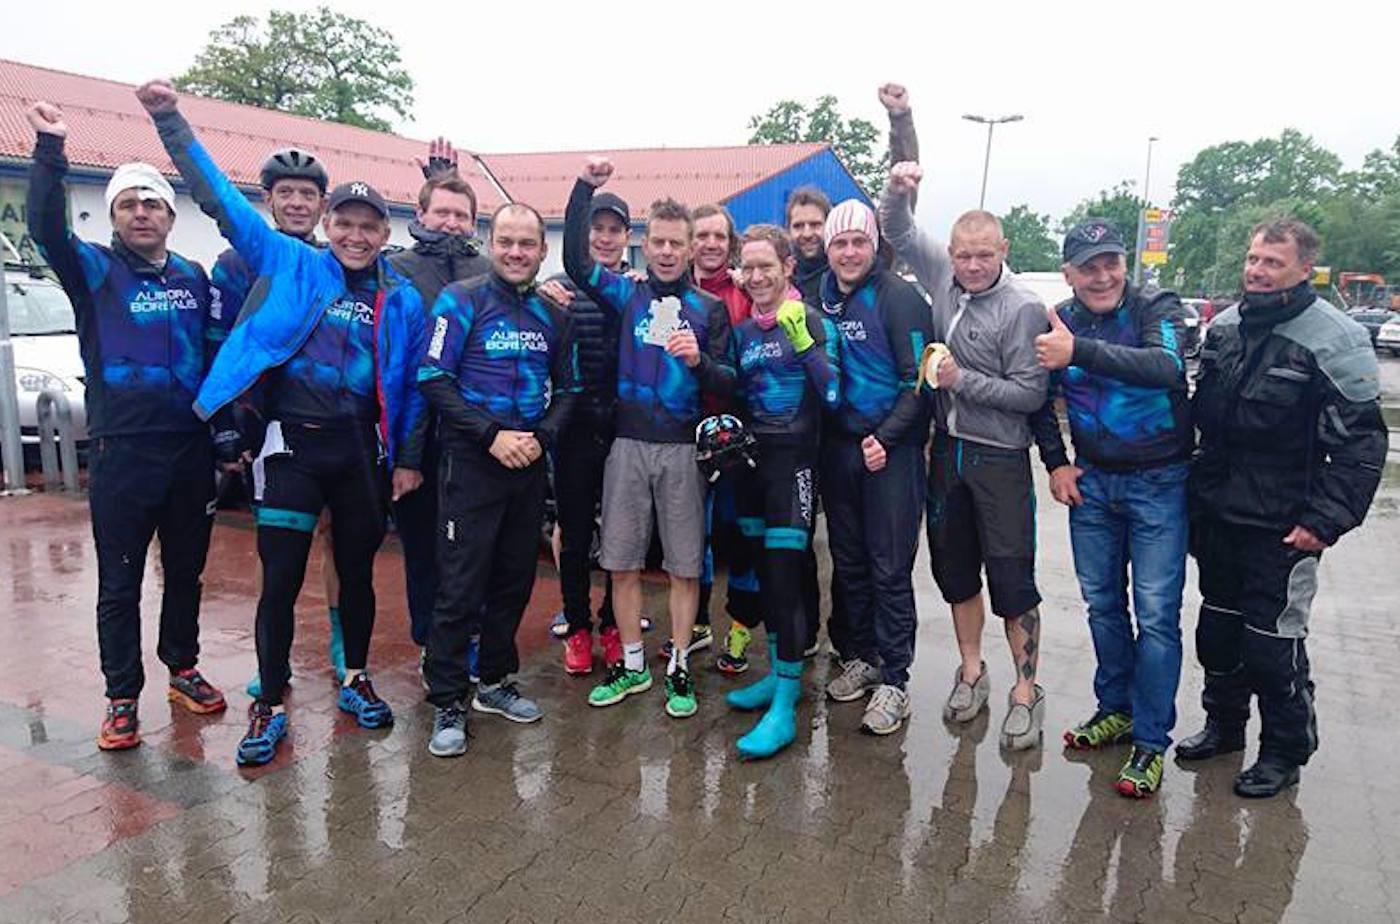 NORDLYSET vant Vestfold Rundt etter nesten fire timer i regn og motvind. Foto: Aurora Borealis